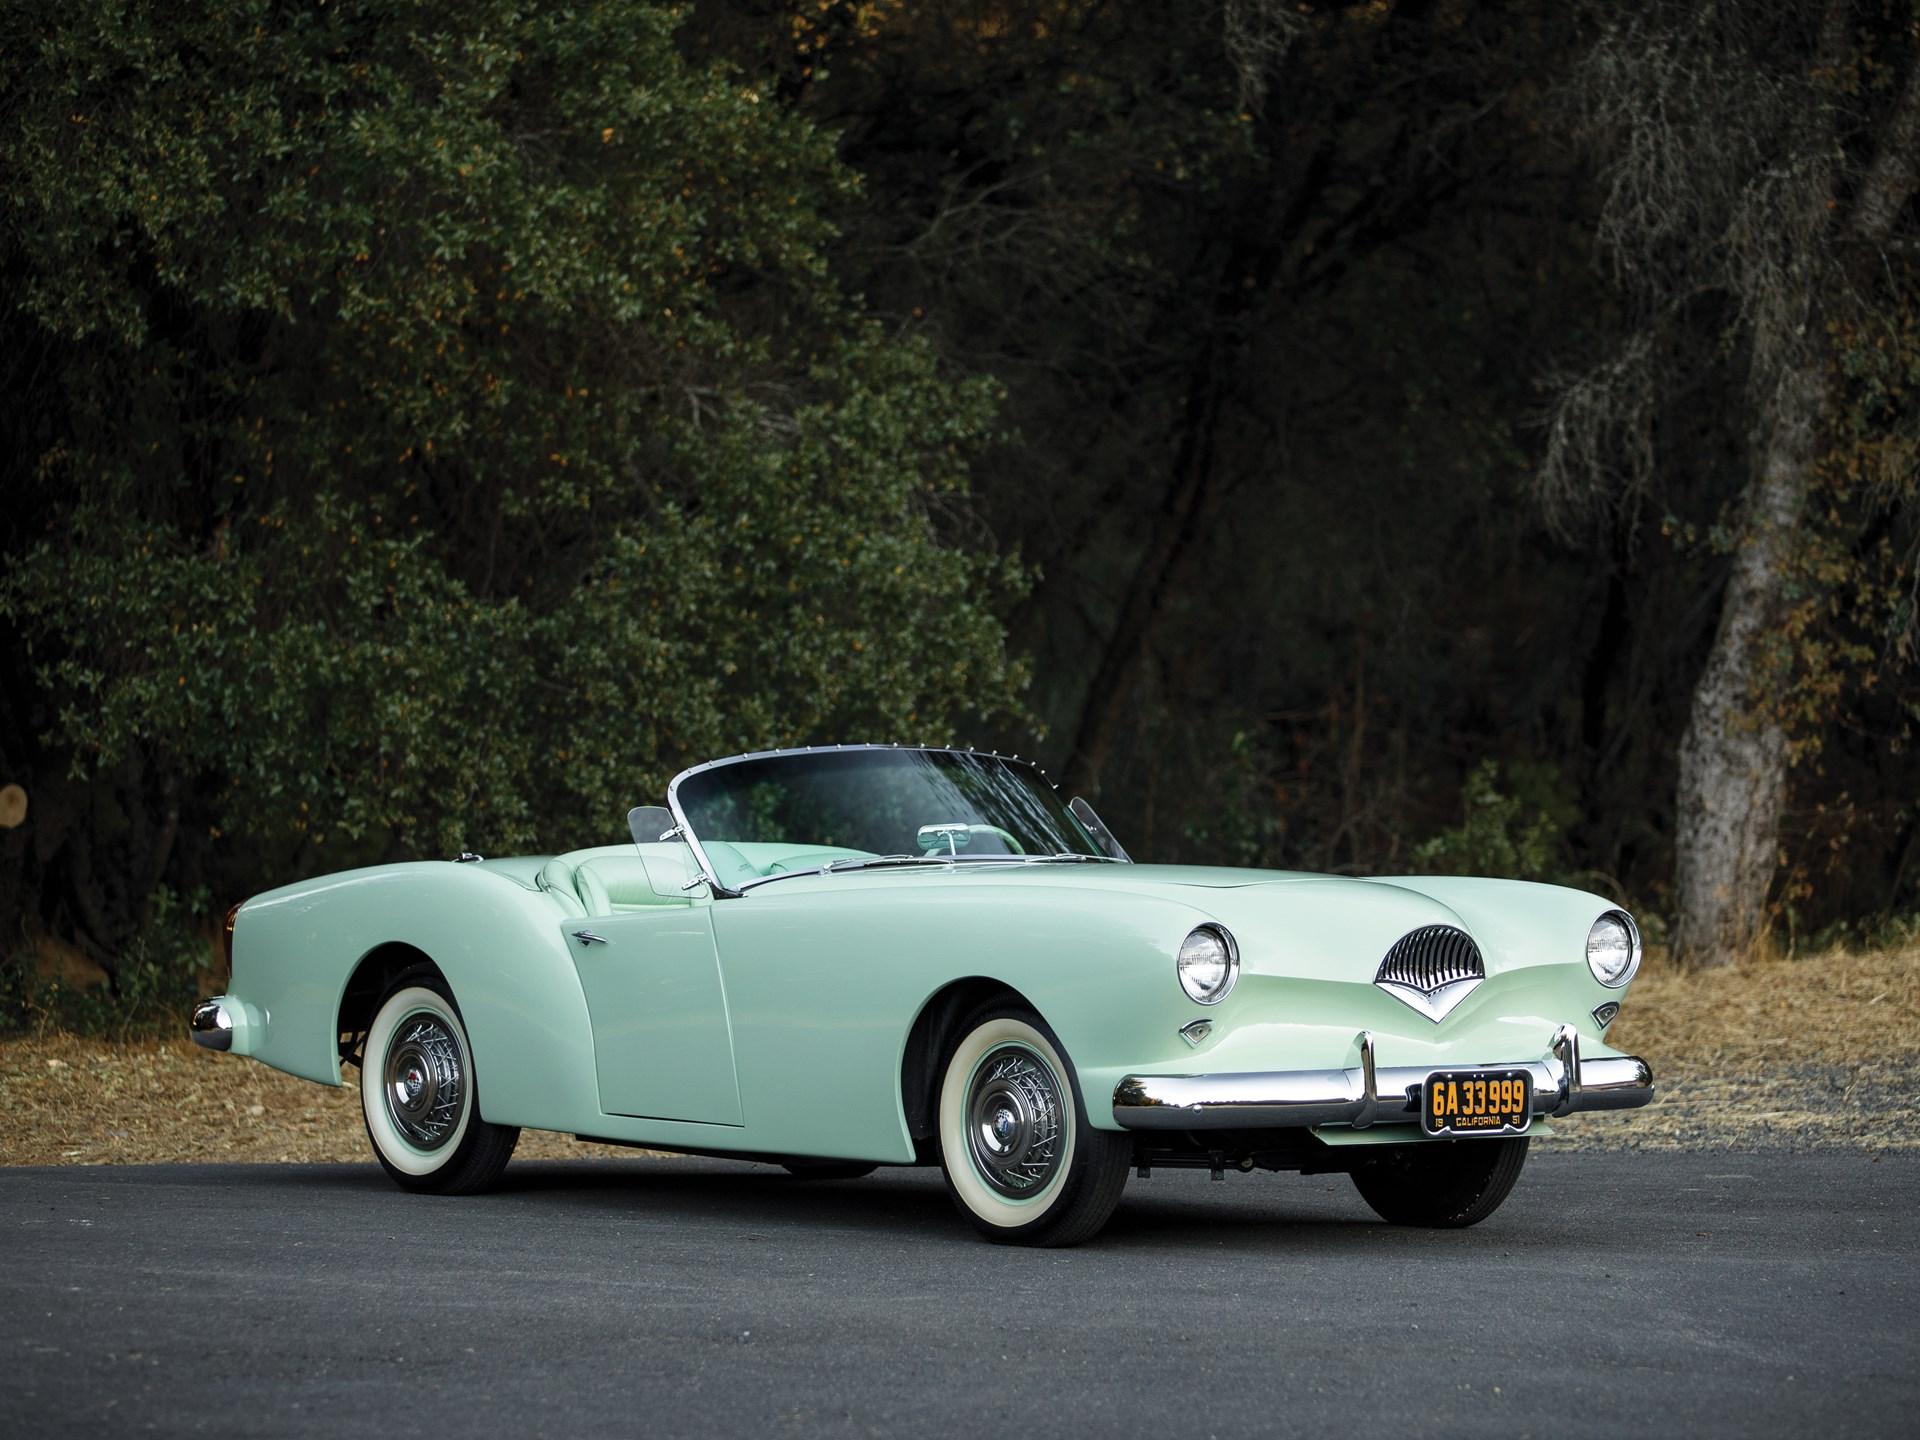 1954 Kaiser-Darrin Roadster